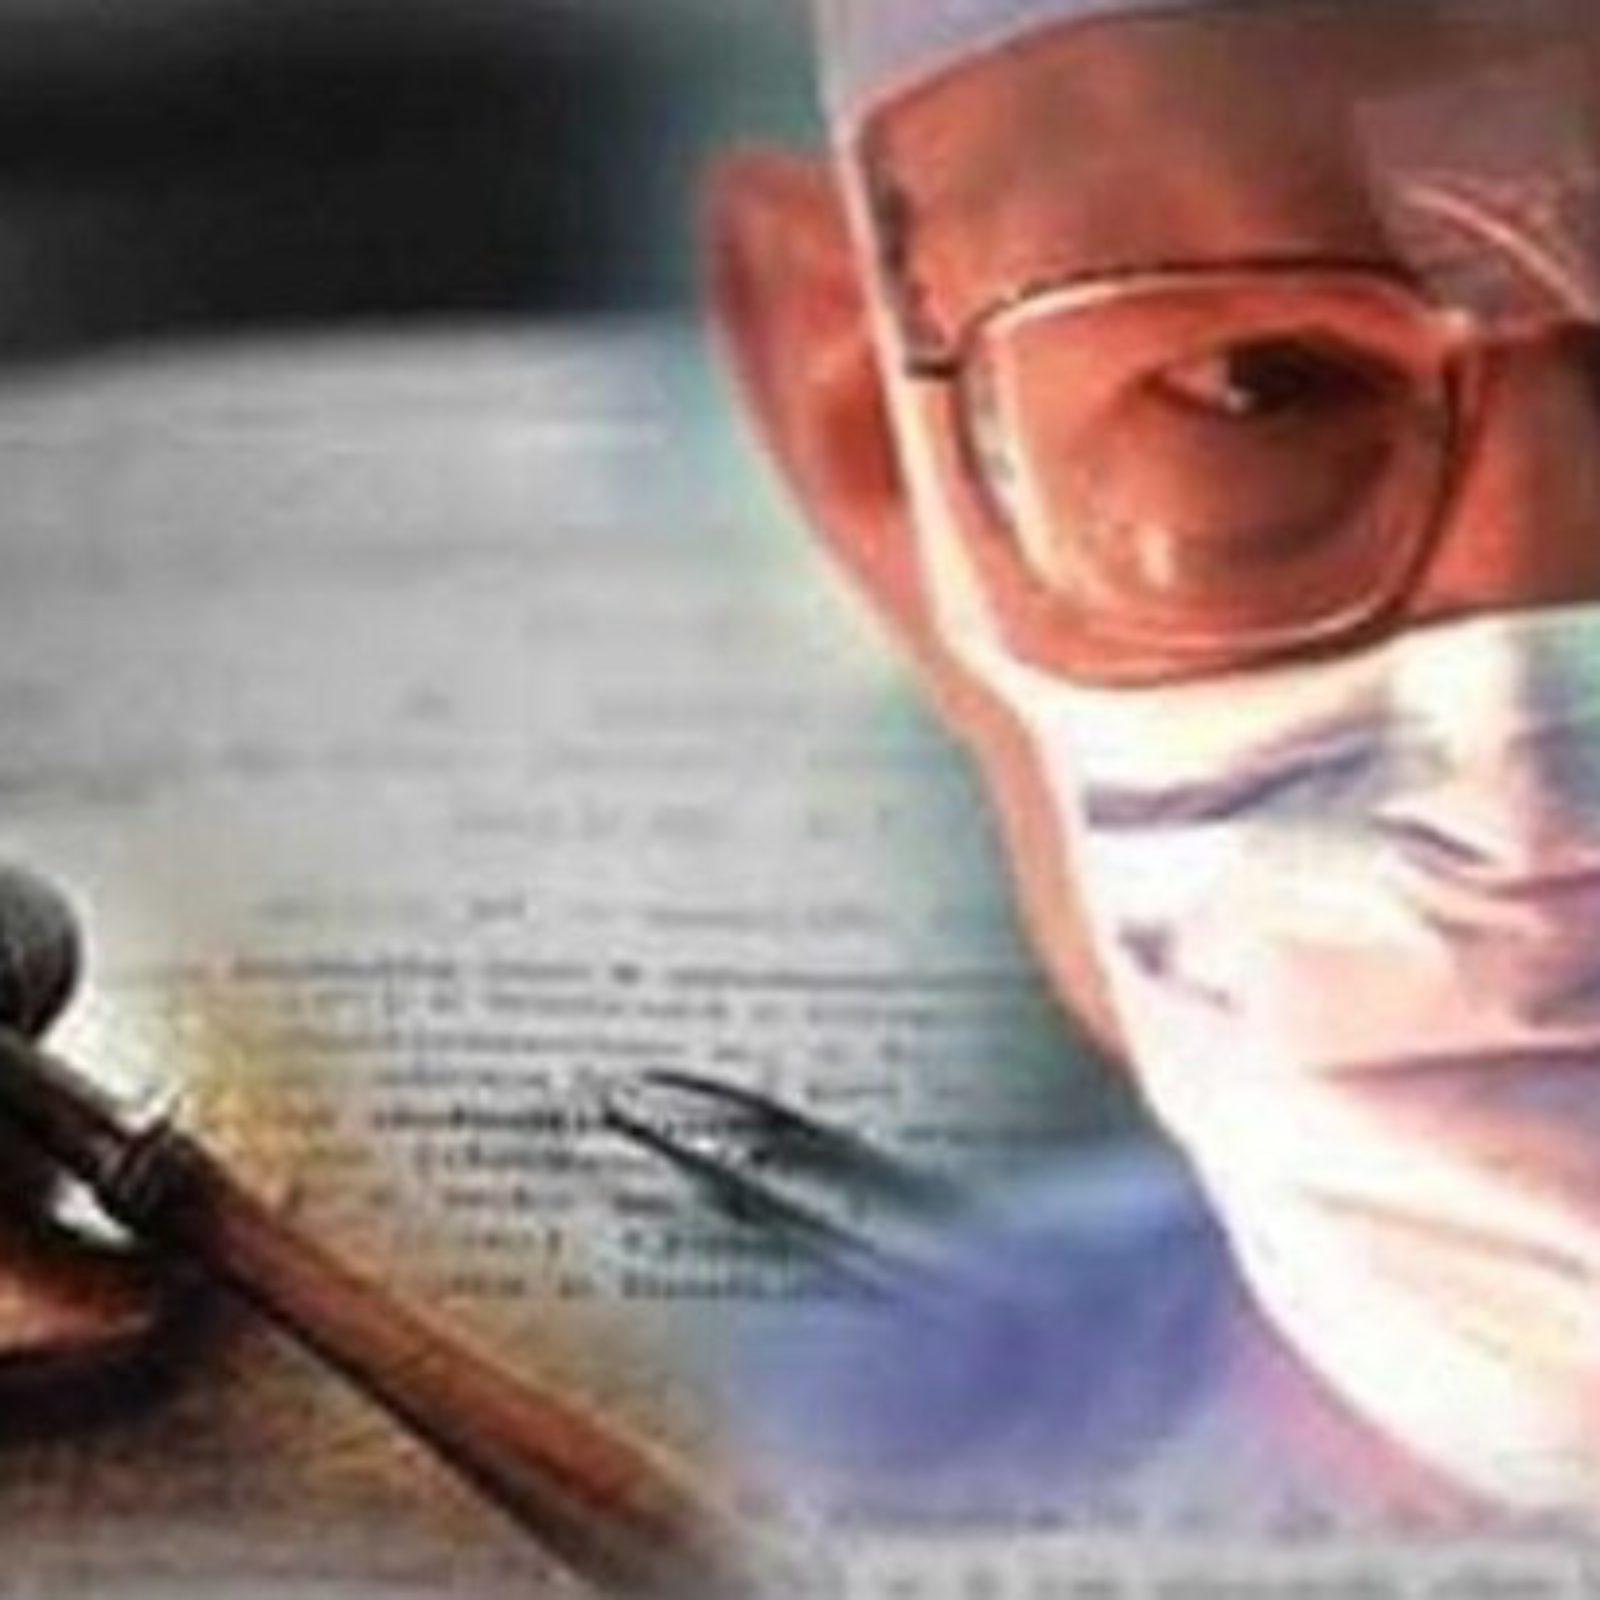 Obbligo vaccinale: depositati i motivi della sentenza con cui la Corte Costituzionale rigetta la questione di illegimità costituzionale della normativa vigente